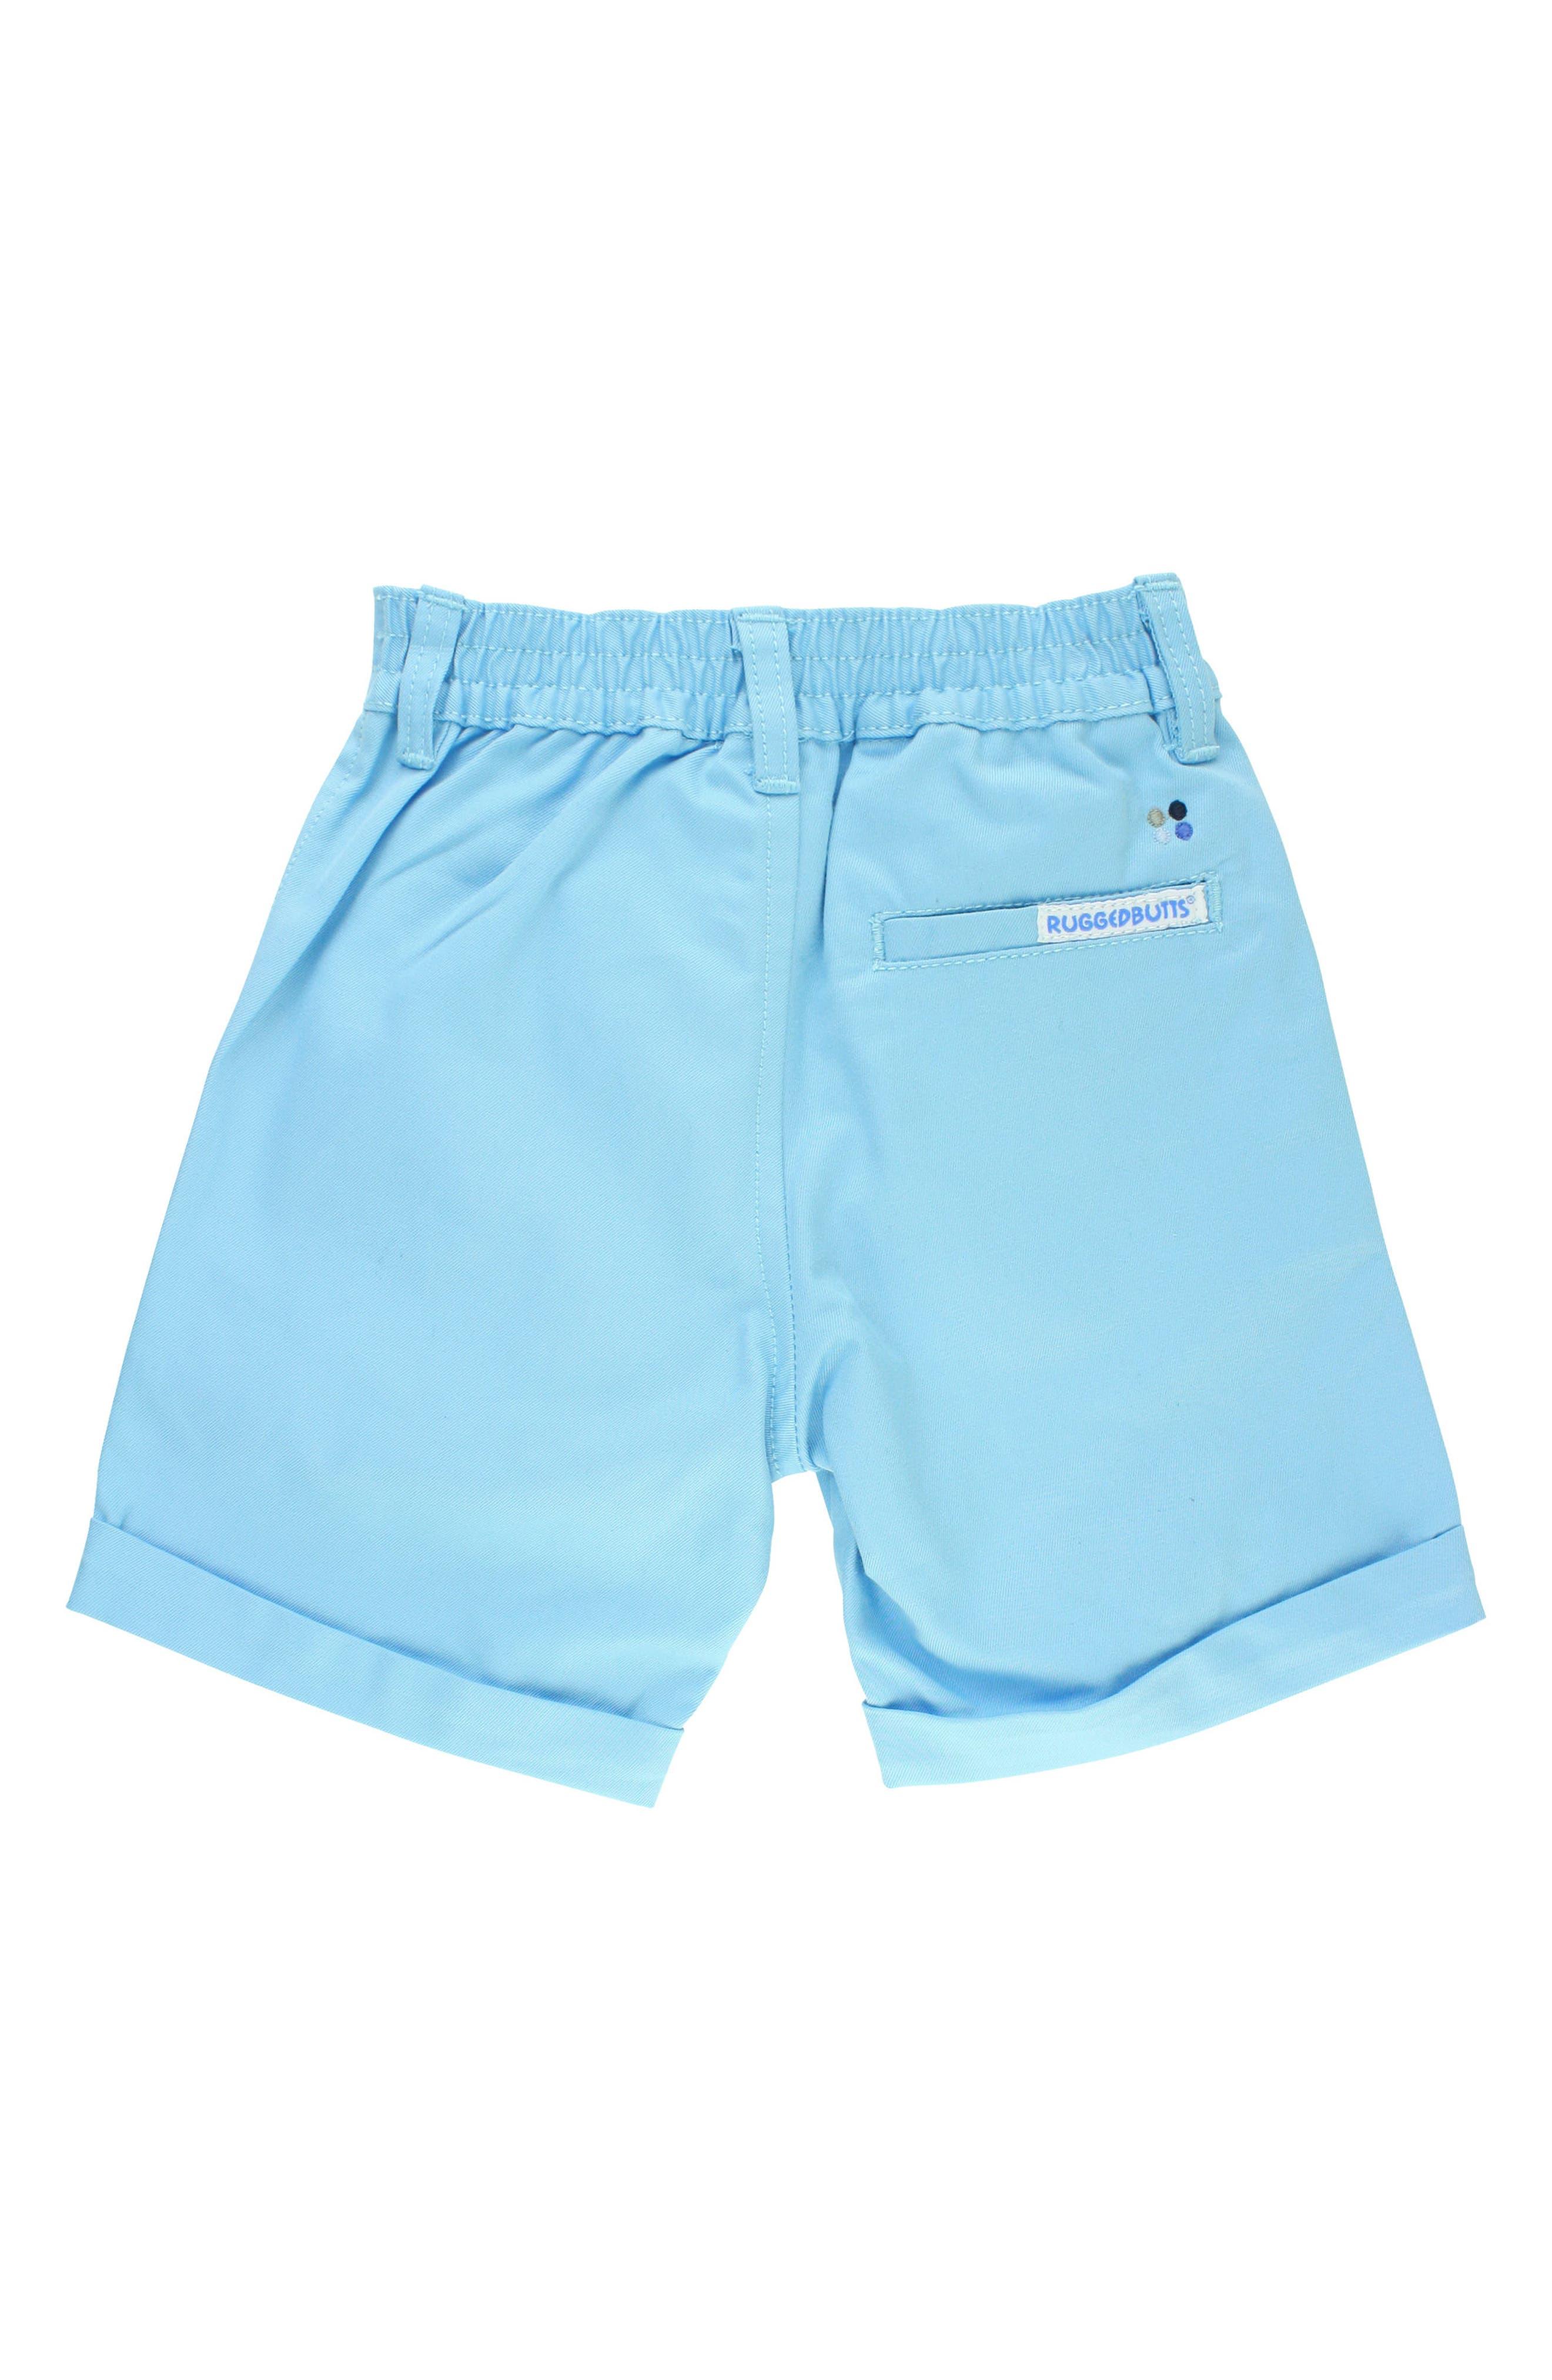 Chino Shorts,                             Alternate thumbnail 2, color,                             400